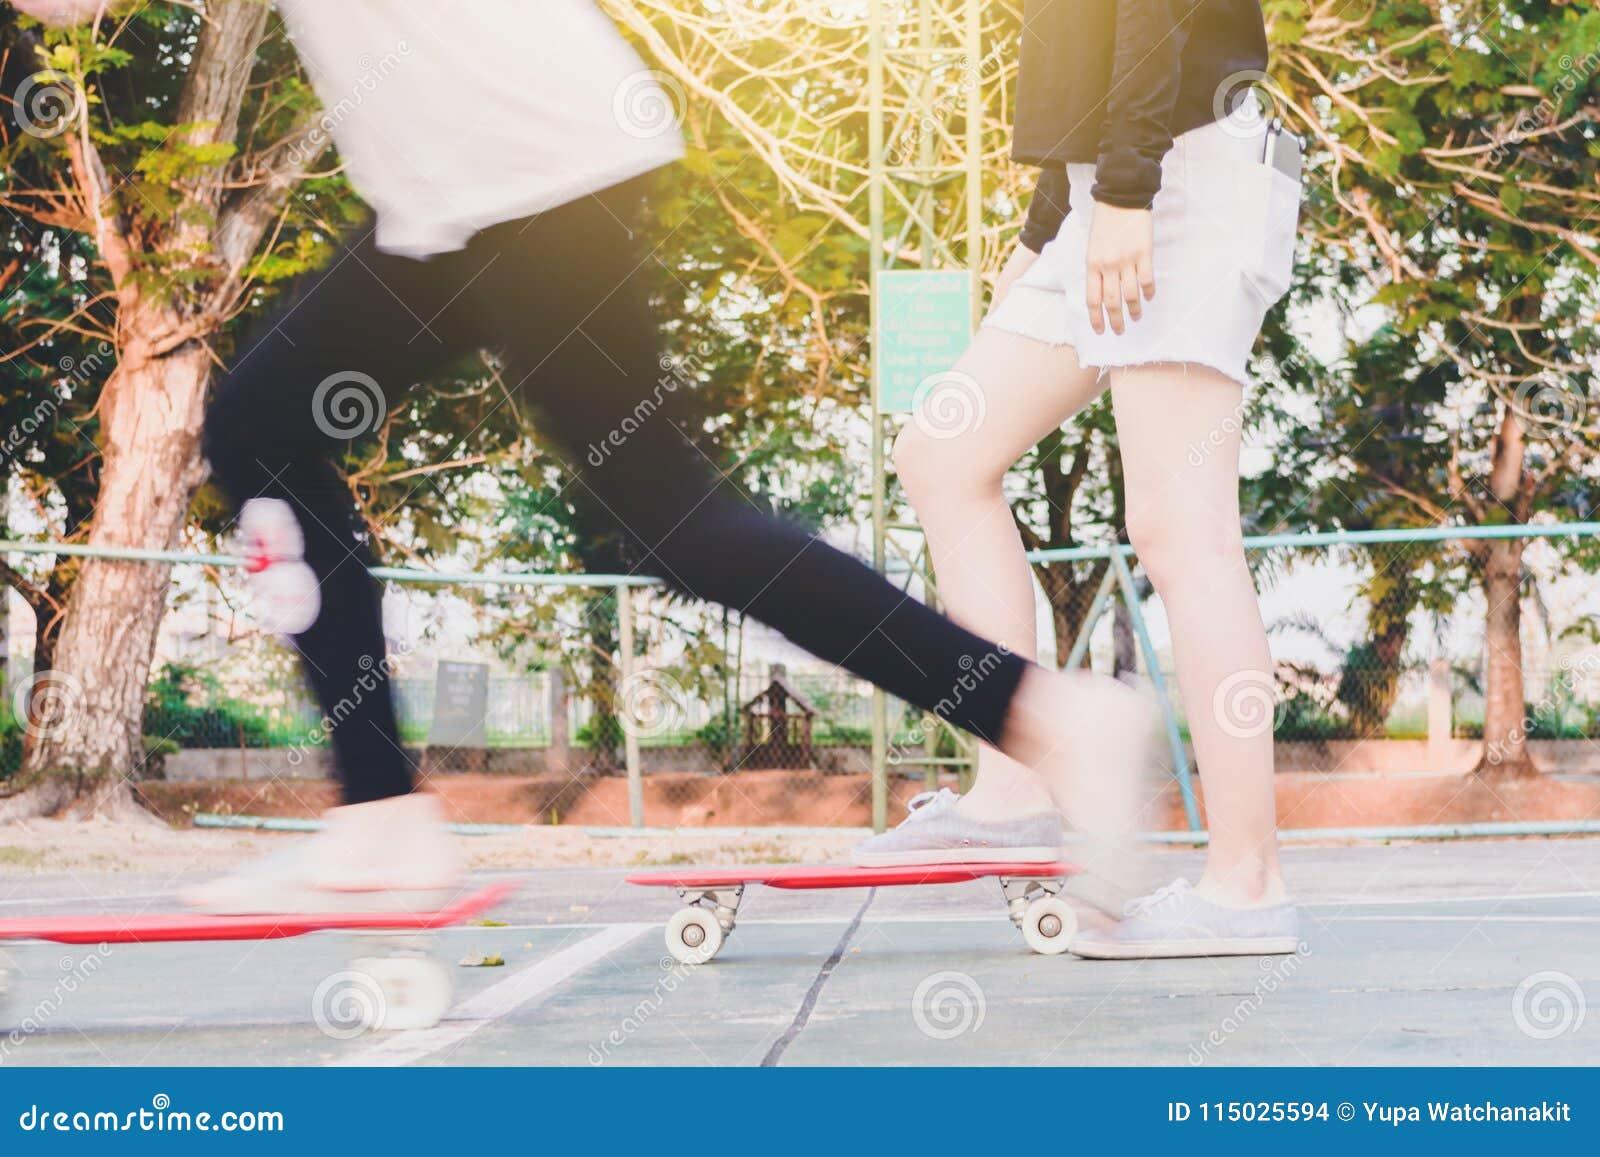 Het meisje is klaar aan het ertoe brengen van begin om na zustermovin met een skateboard te rijden